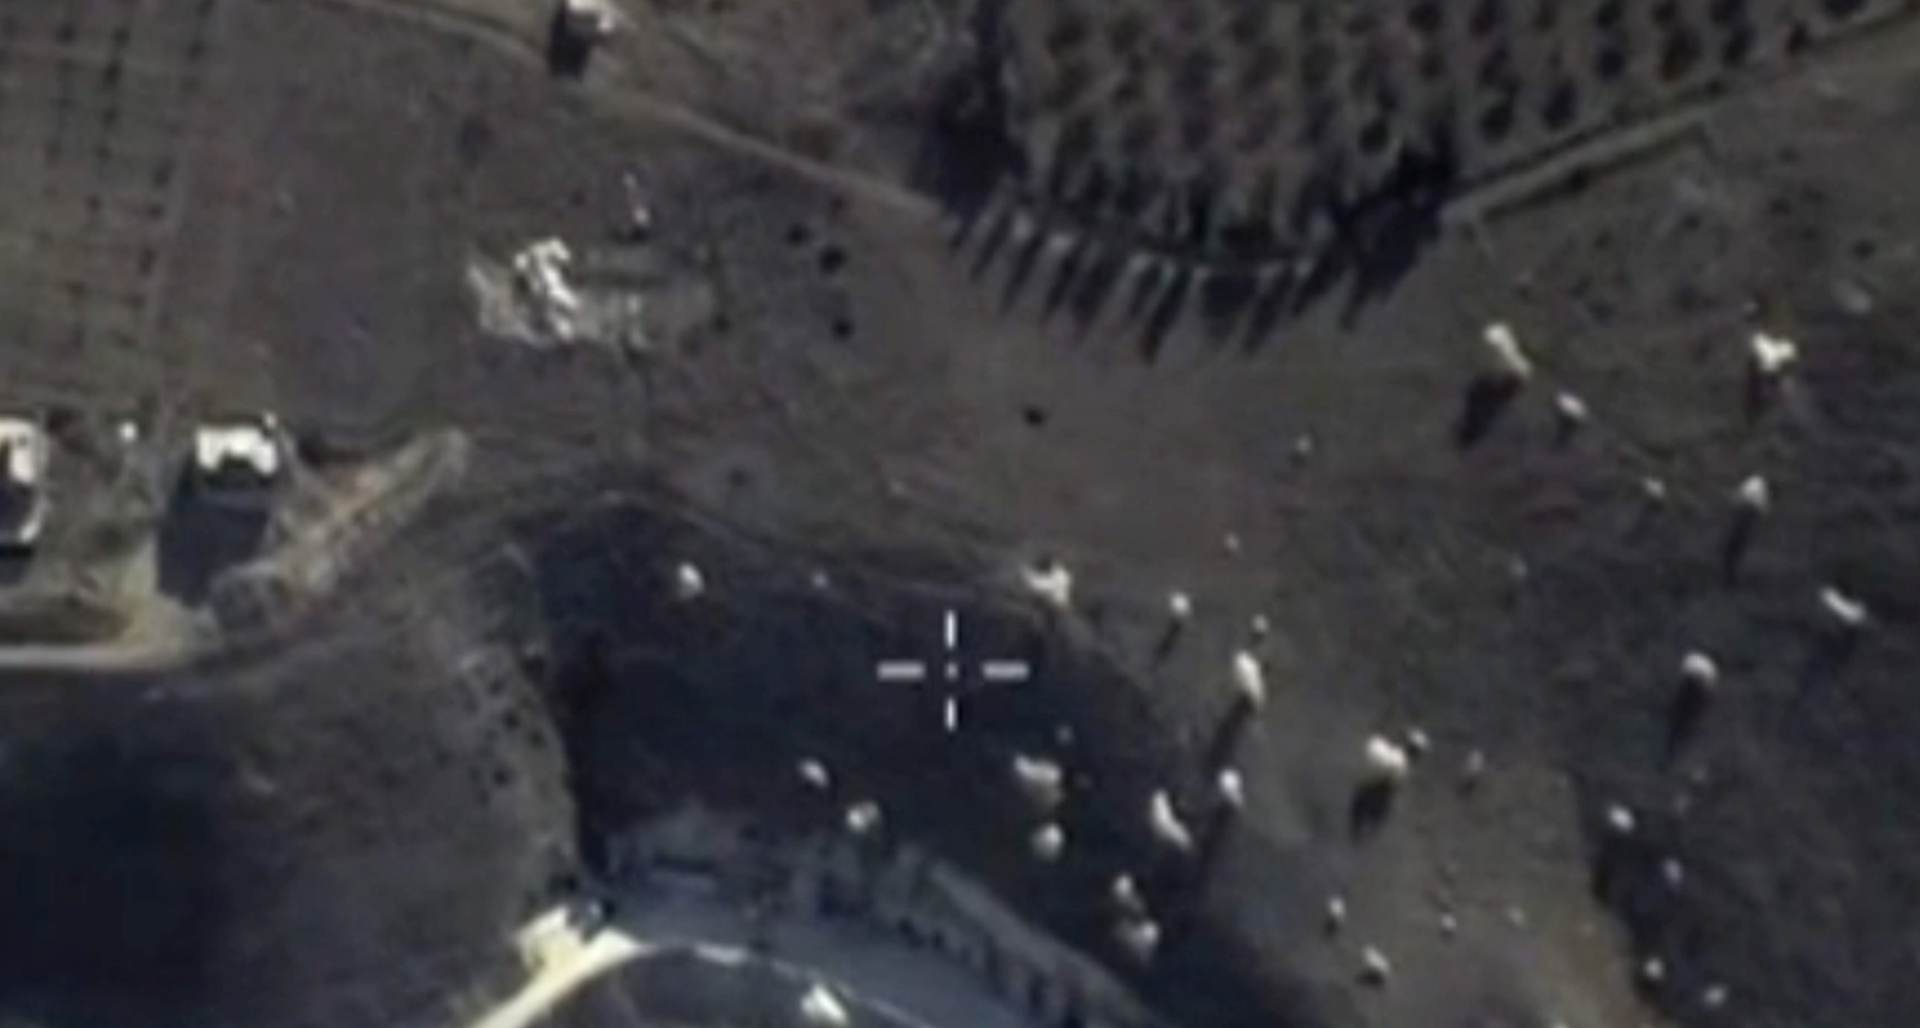 SIRIJA: U ruskim napadima ubijeno 45 ljudi, među njima i pobunjenički zapovjednik